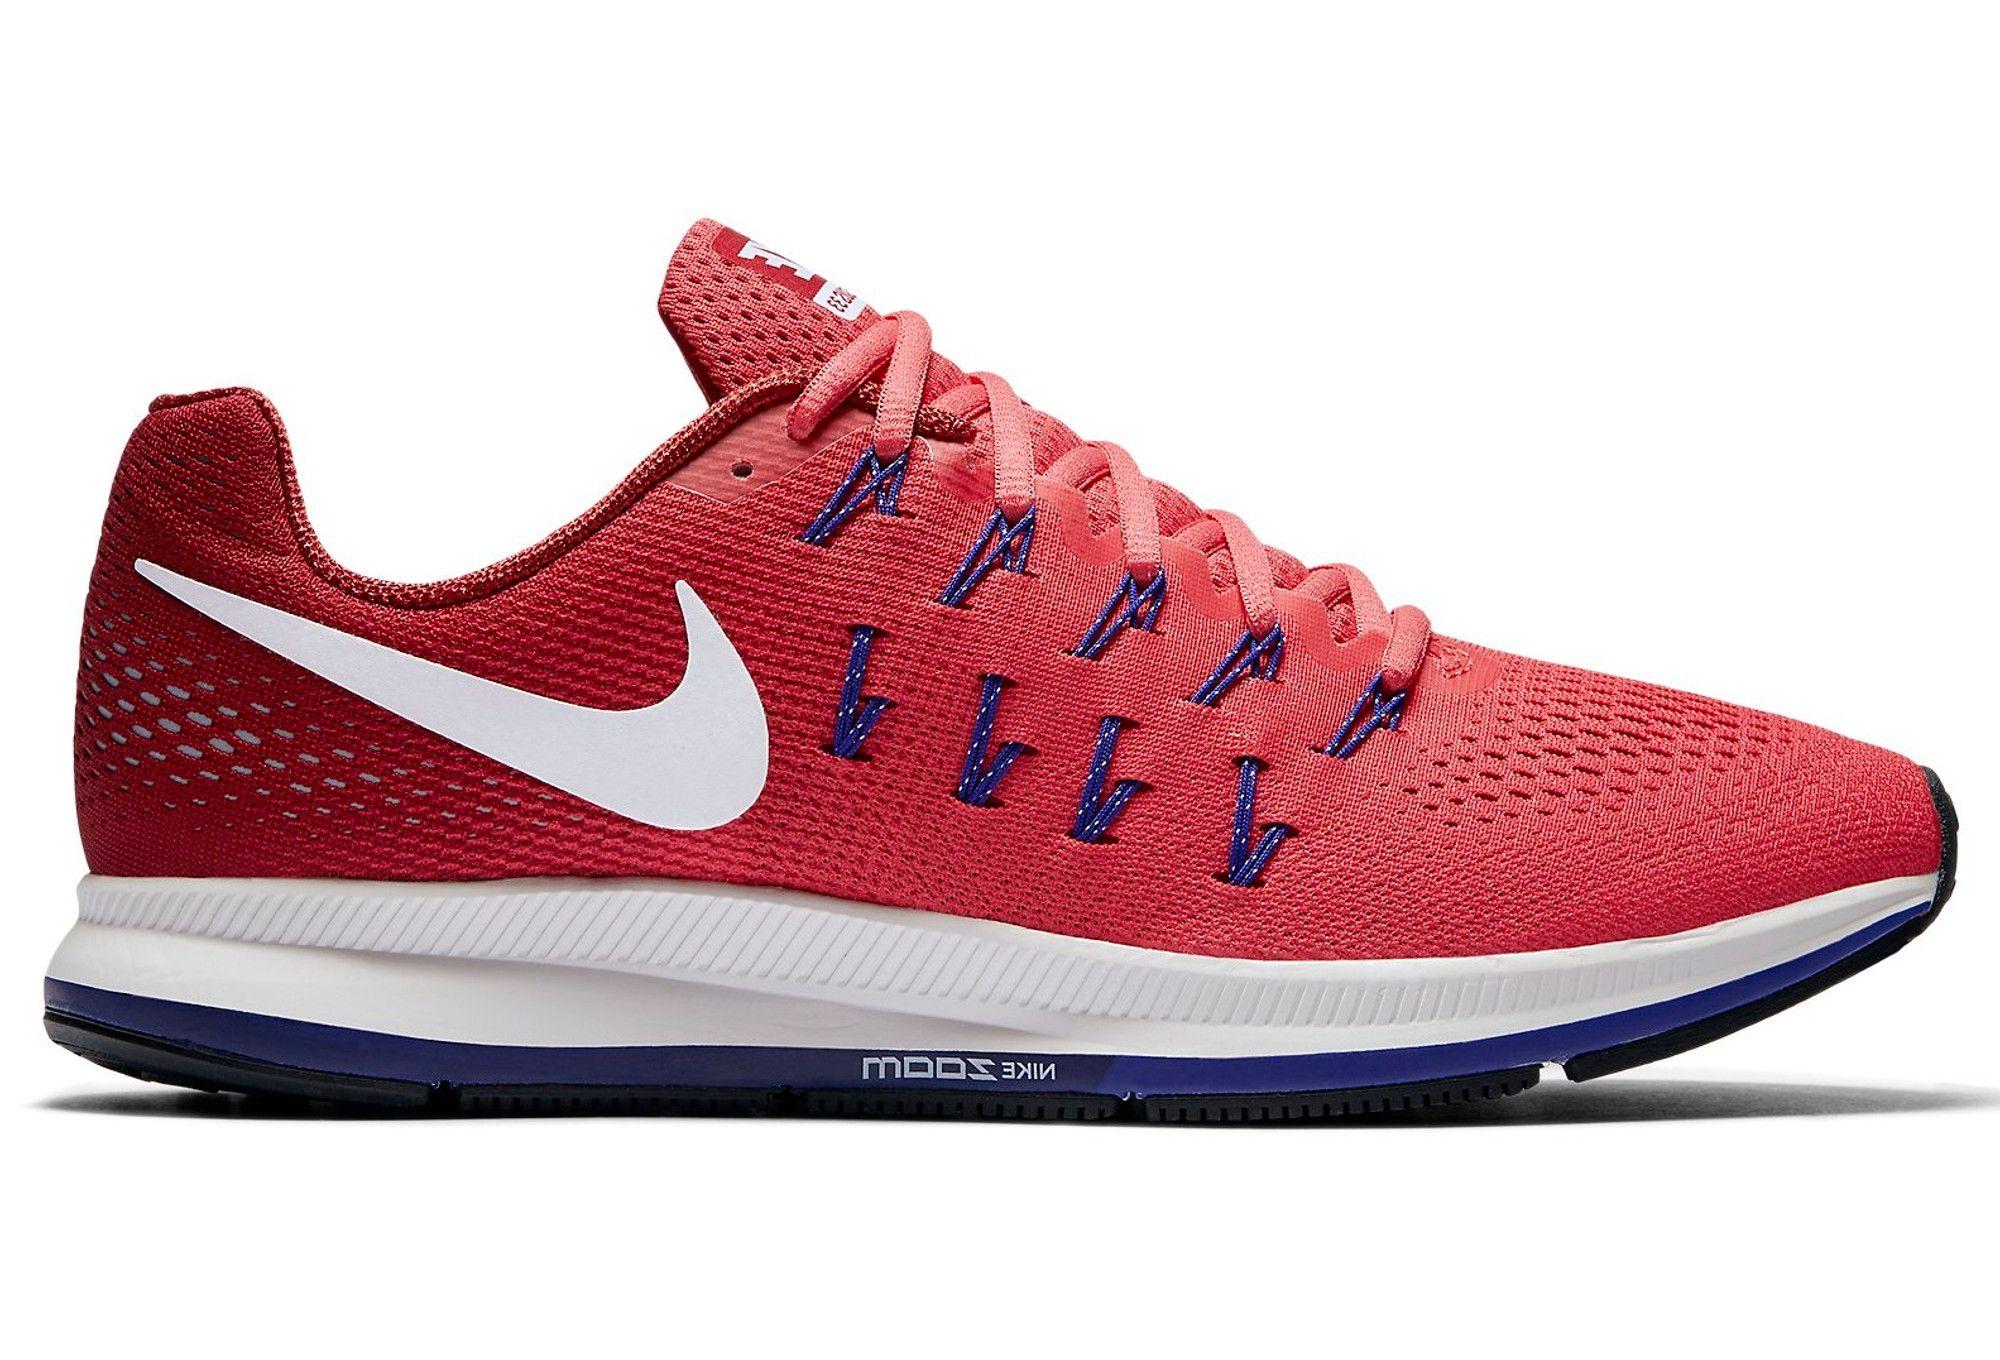 innovative design f1e1d a1989 Chaussures de Running Nike AIR ZOOM PEGASUS 33 Rouge à partir de 84,00 € au  lieu de 120,00 €